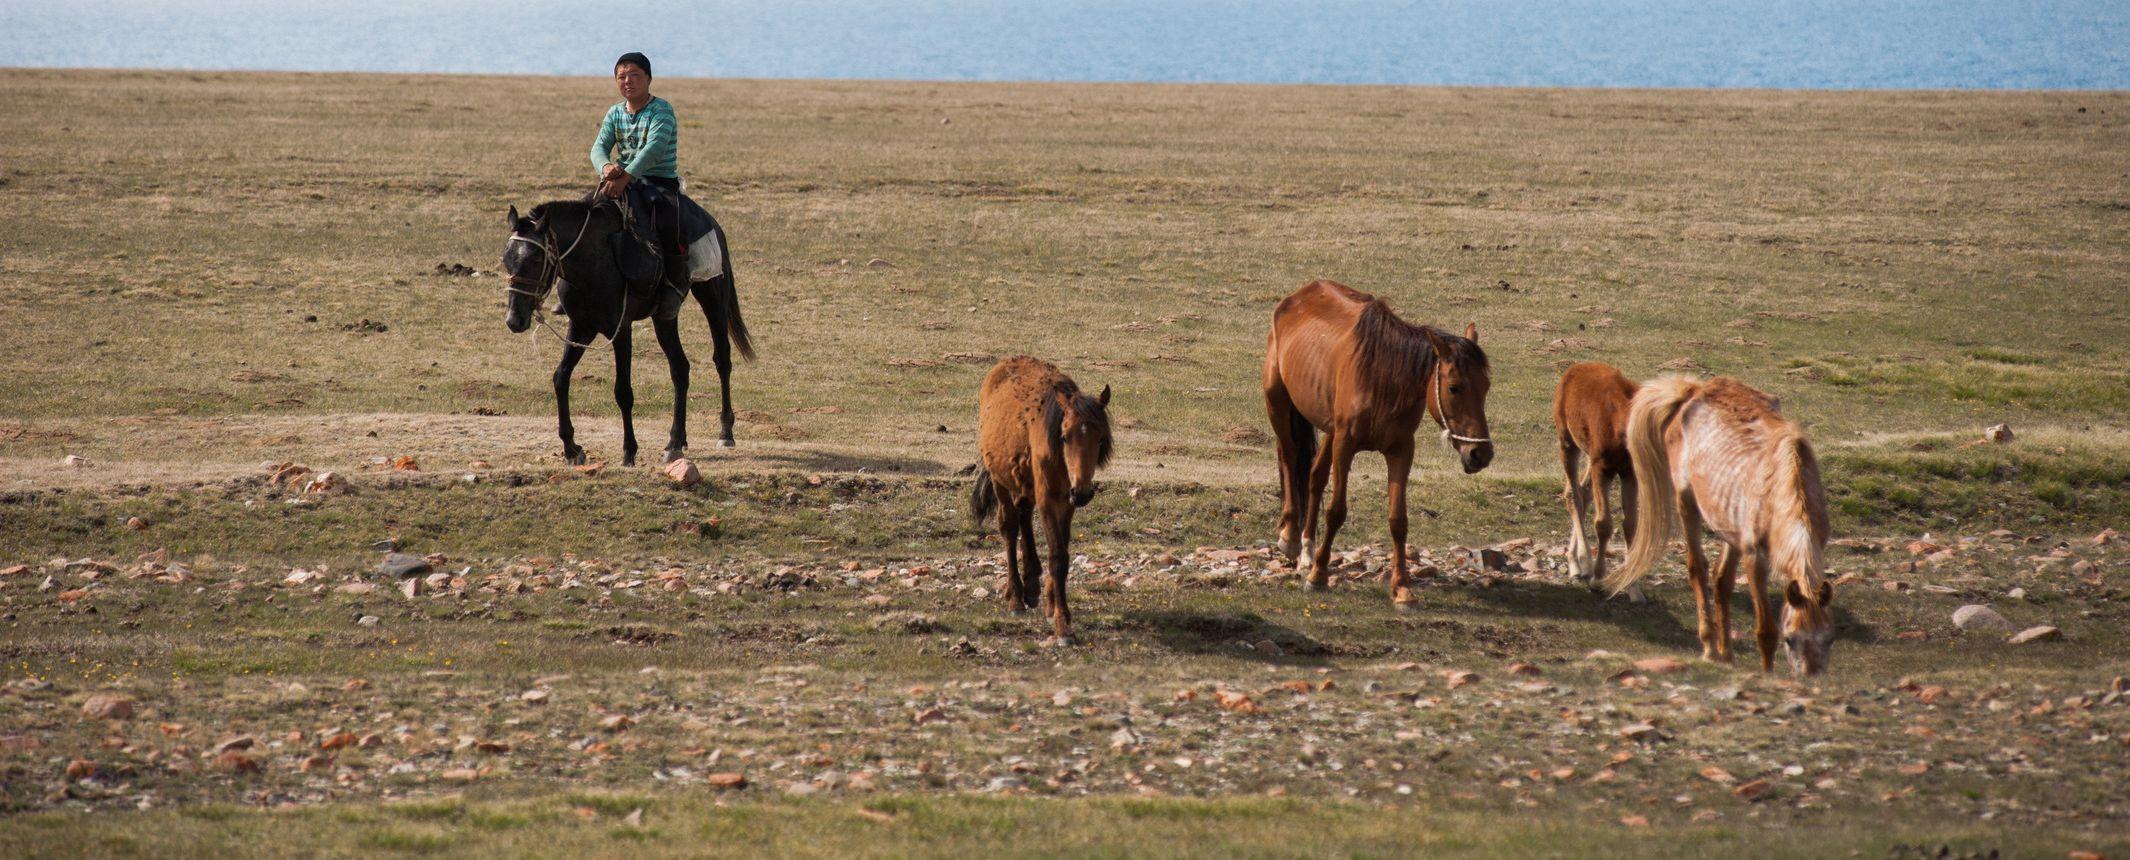 KYRGYZSTÁN. Cruzando las tierras altas de Kyrgyzstán